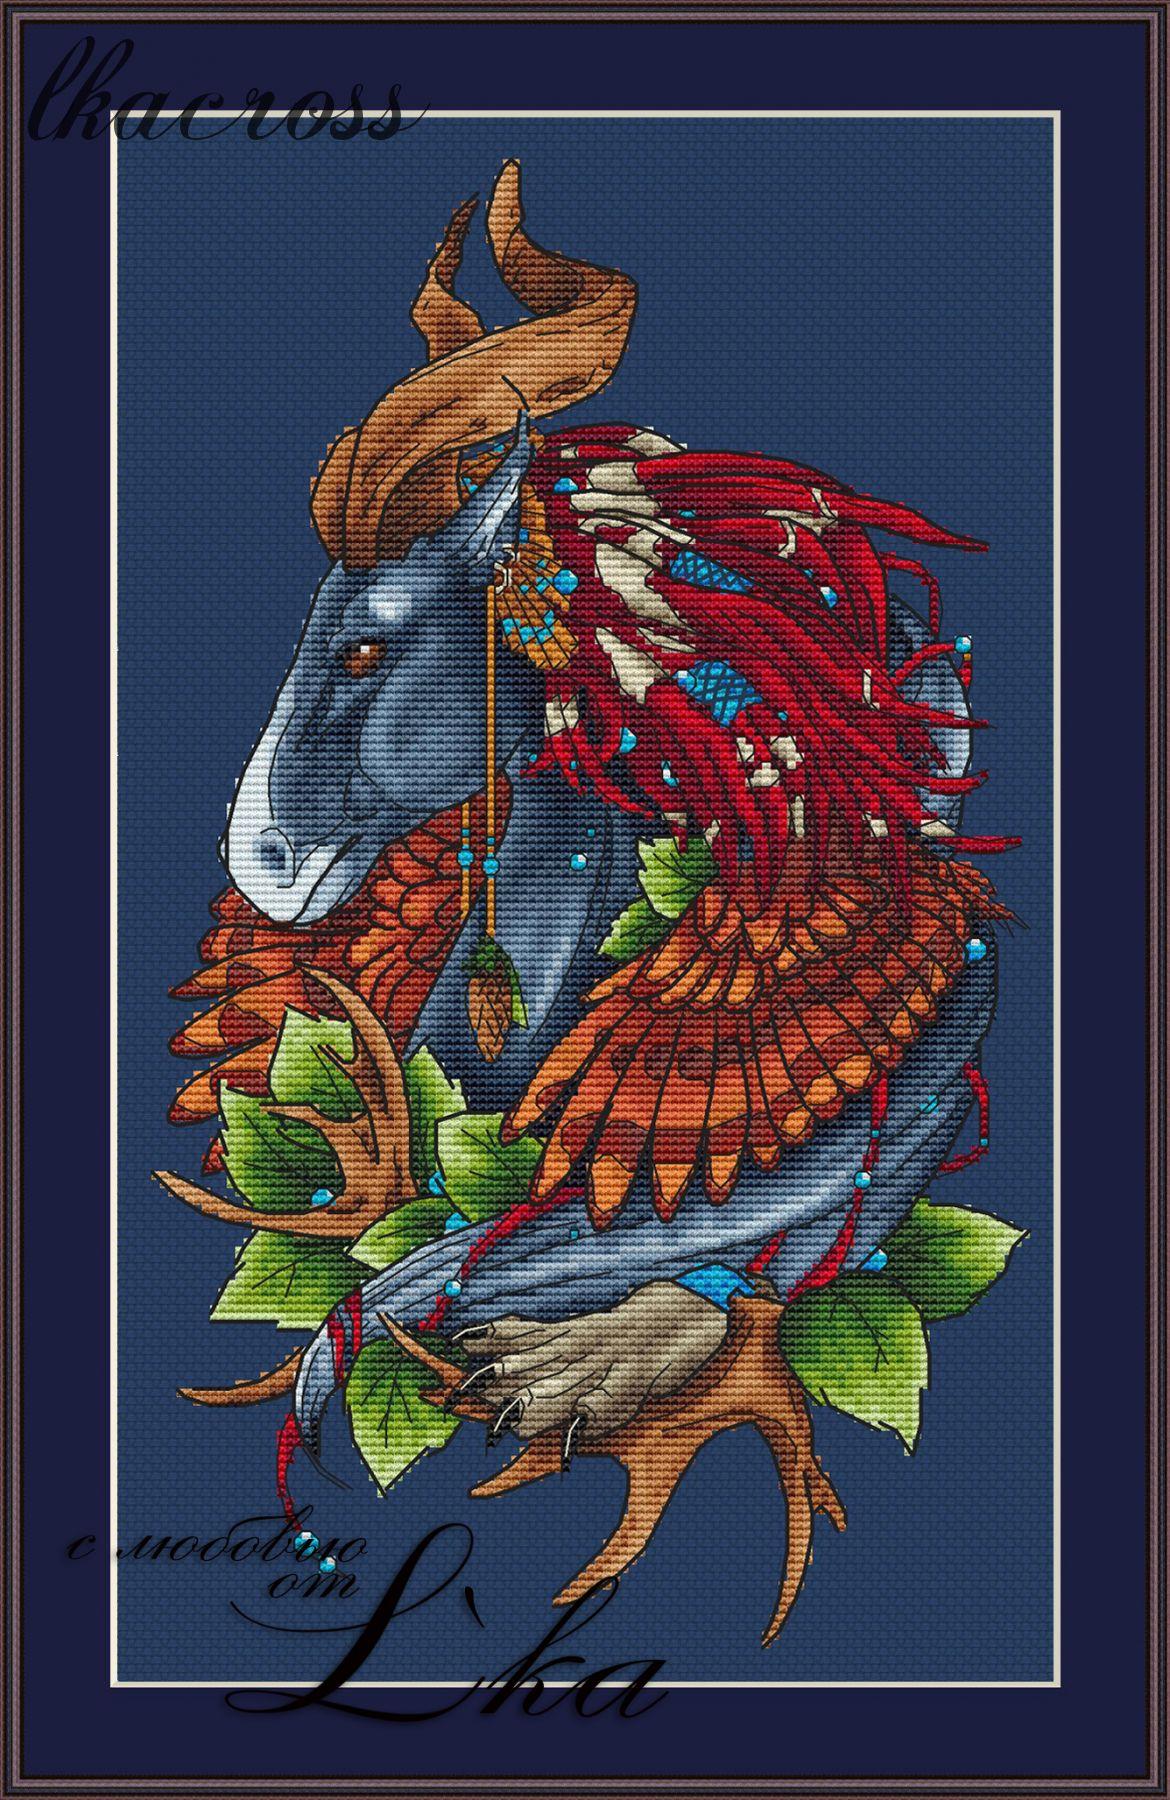 Схема для вышивки крестом Ловец снов - Конь.